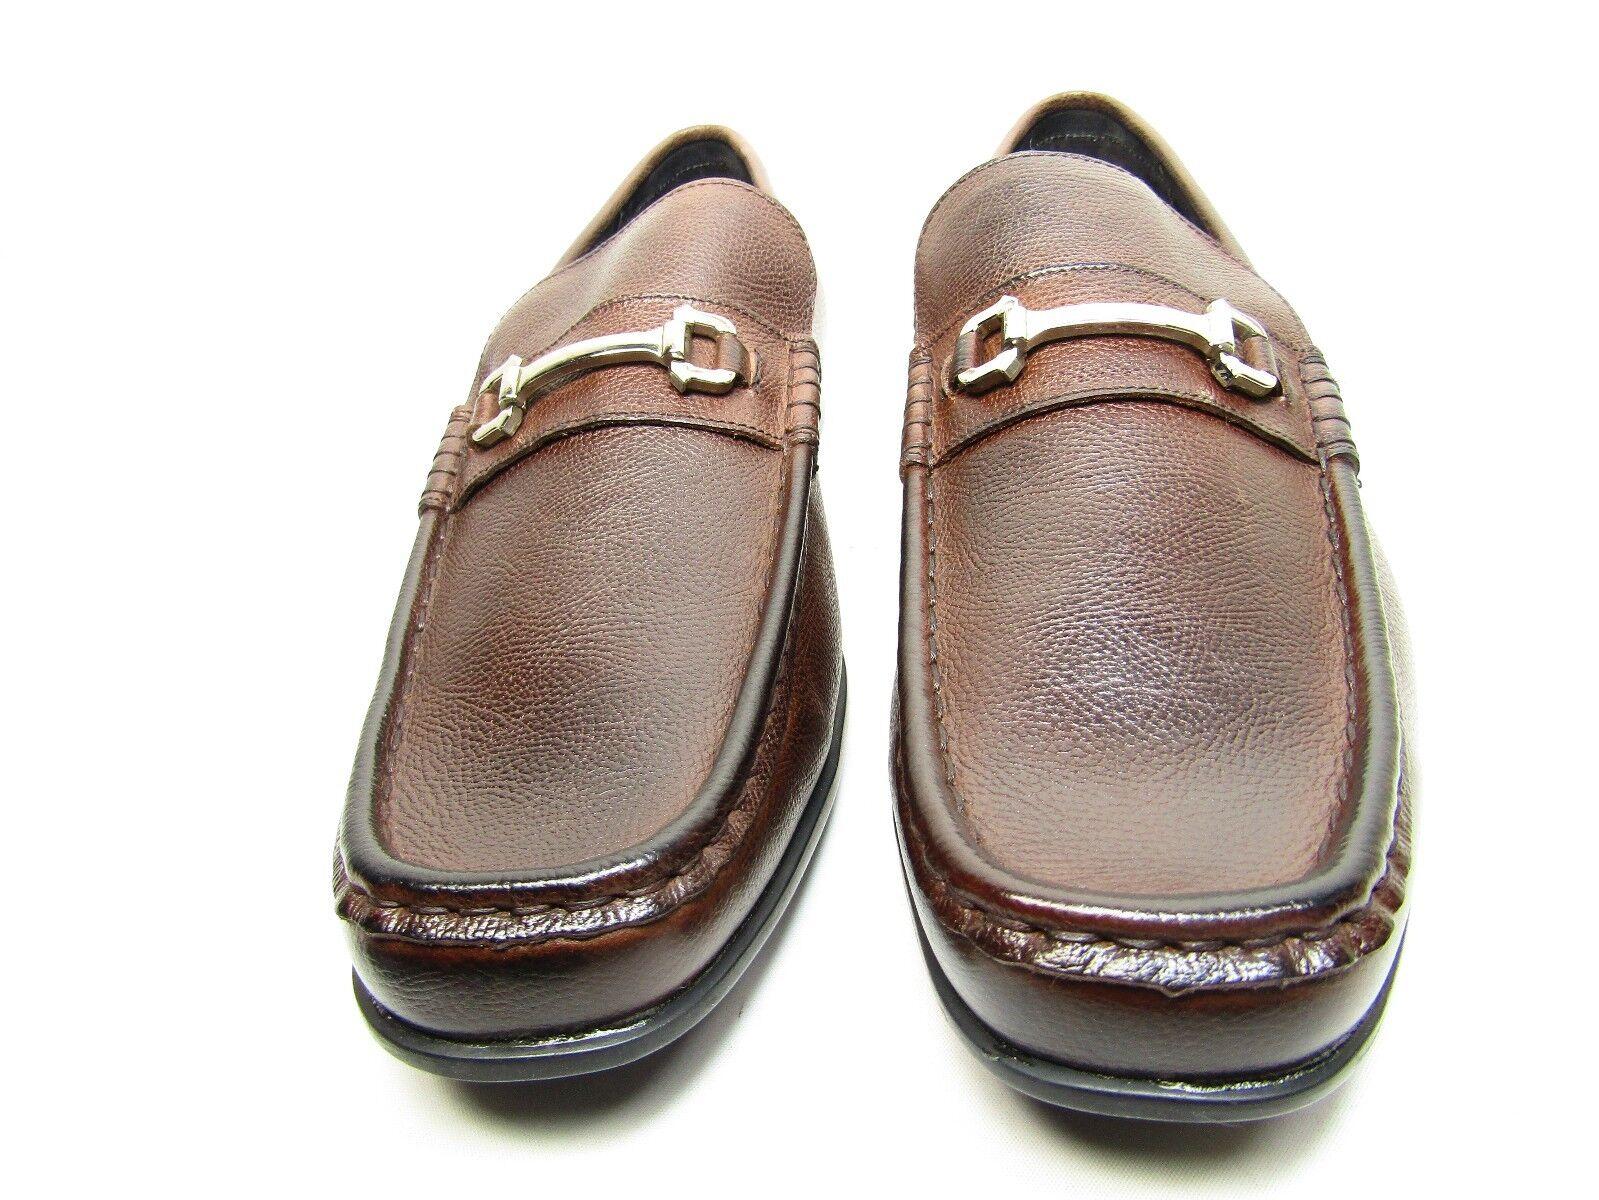 molte sorprese Stacy Adams Uomo Ellory Slip-On Loafer Loafer Loafer Marrone Dimensione 13M  al prezzo più basso